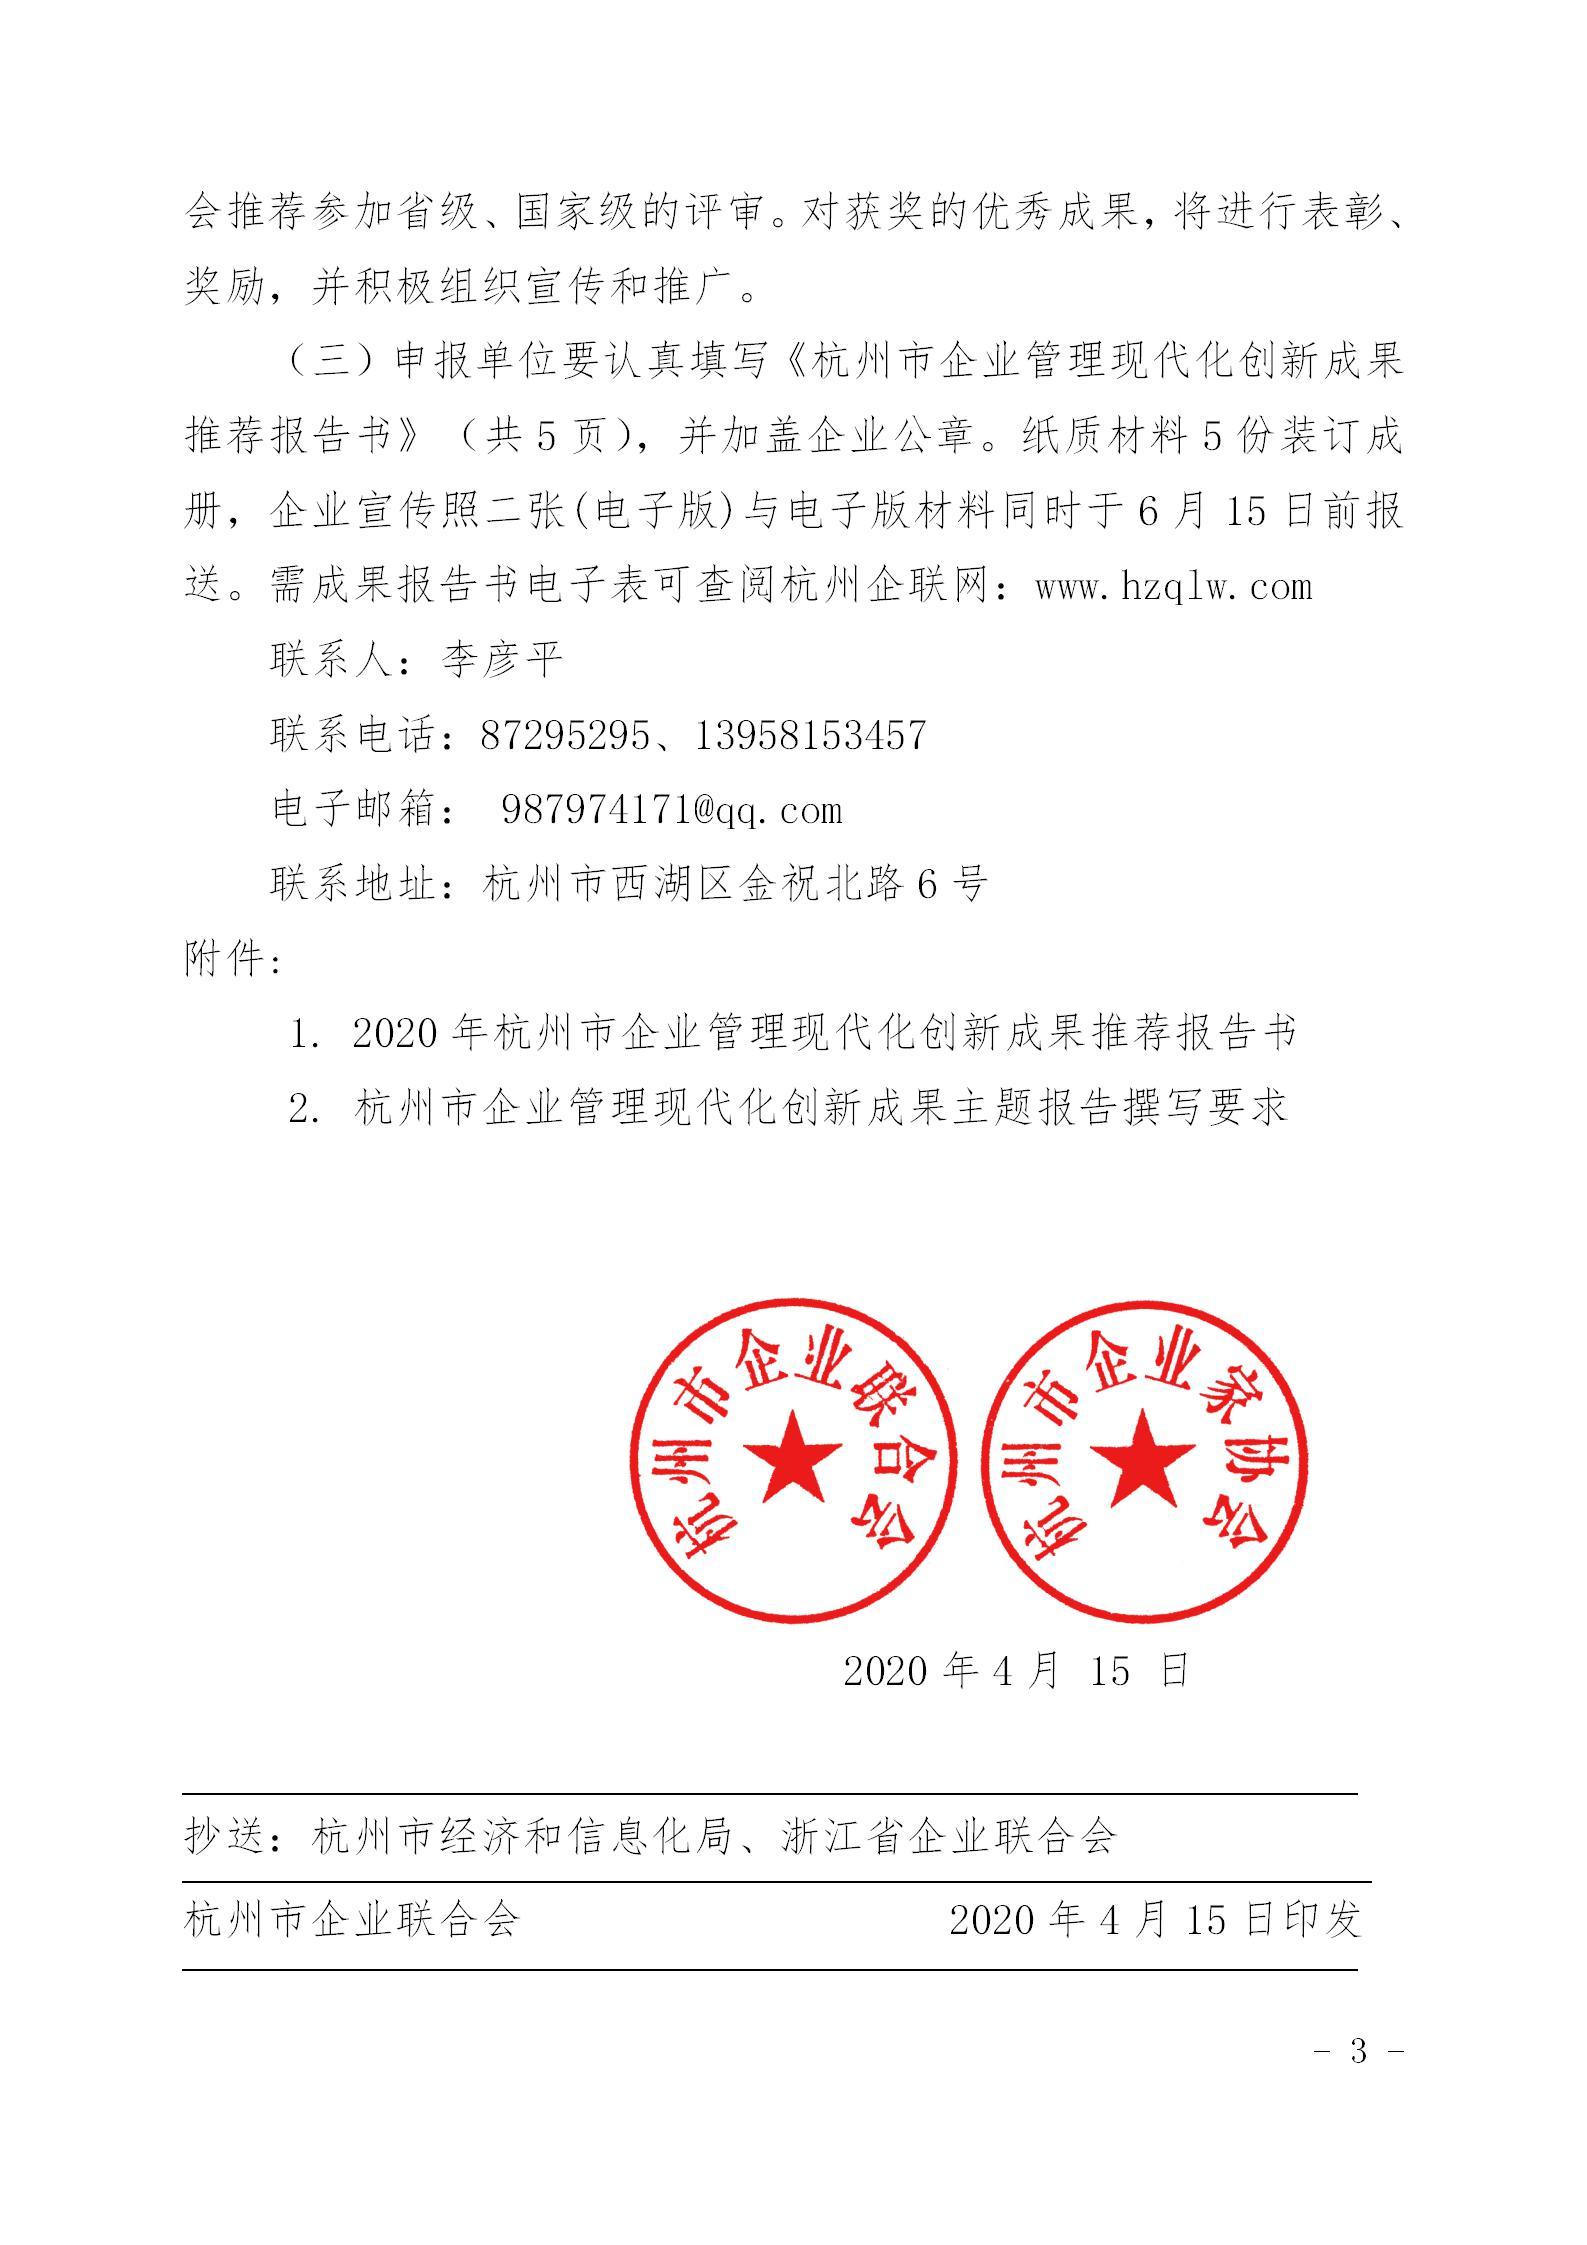 2020年杭州市企业管理现代化创新成果_03.jpg